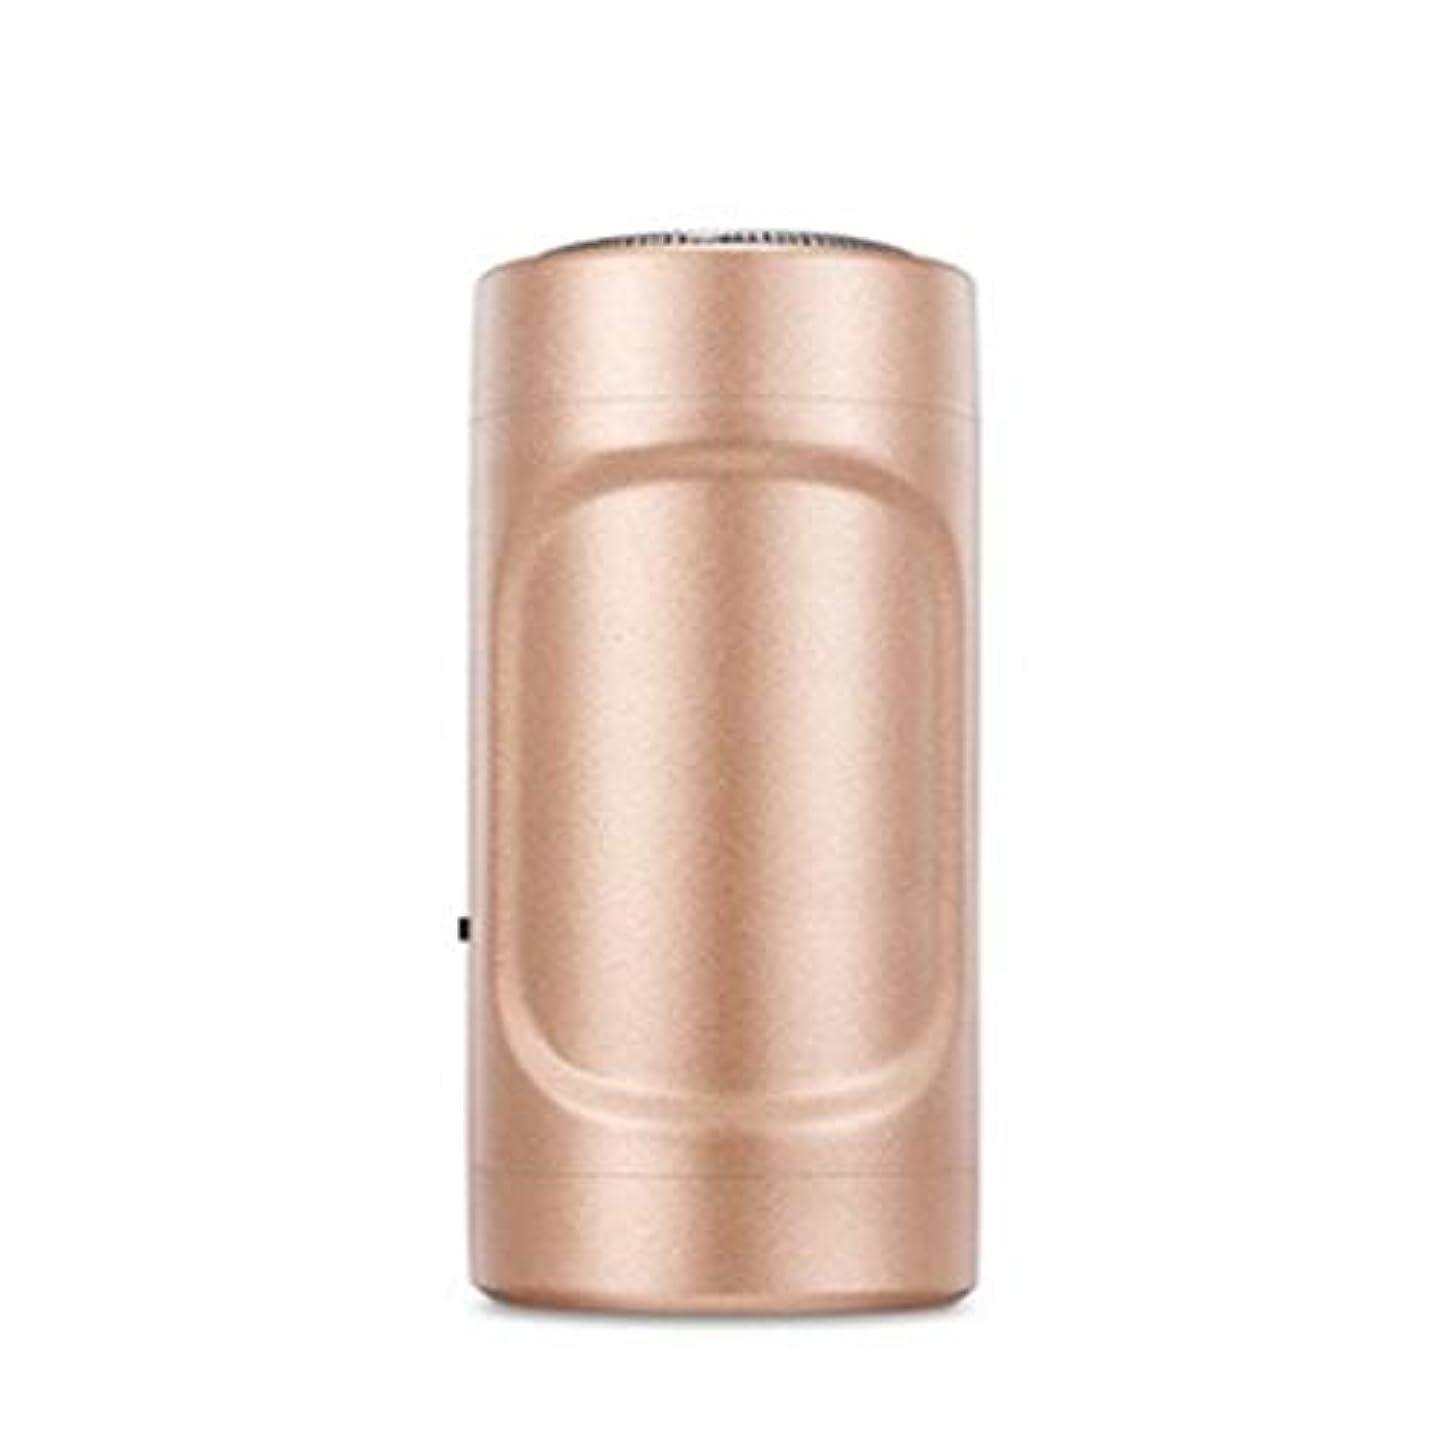 常習者小屋フランクワースリーミニシェーバーUSBアップルアンドロイドミニエピレータ屋外旅行懐中電灯ミニポケット(真鍮)